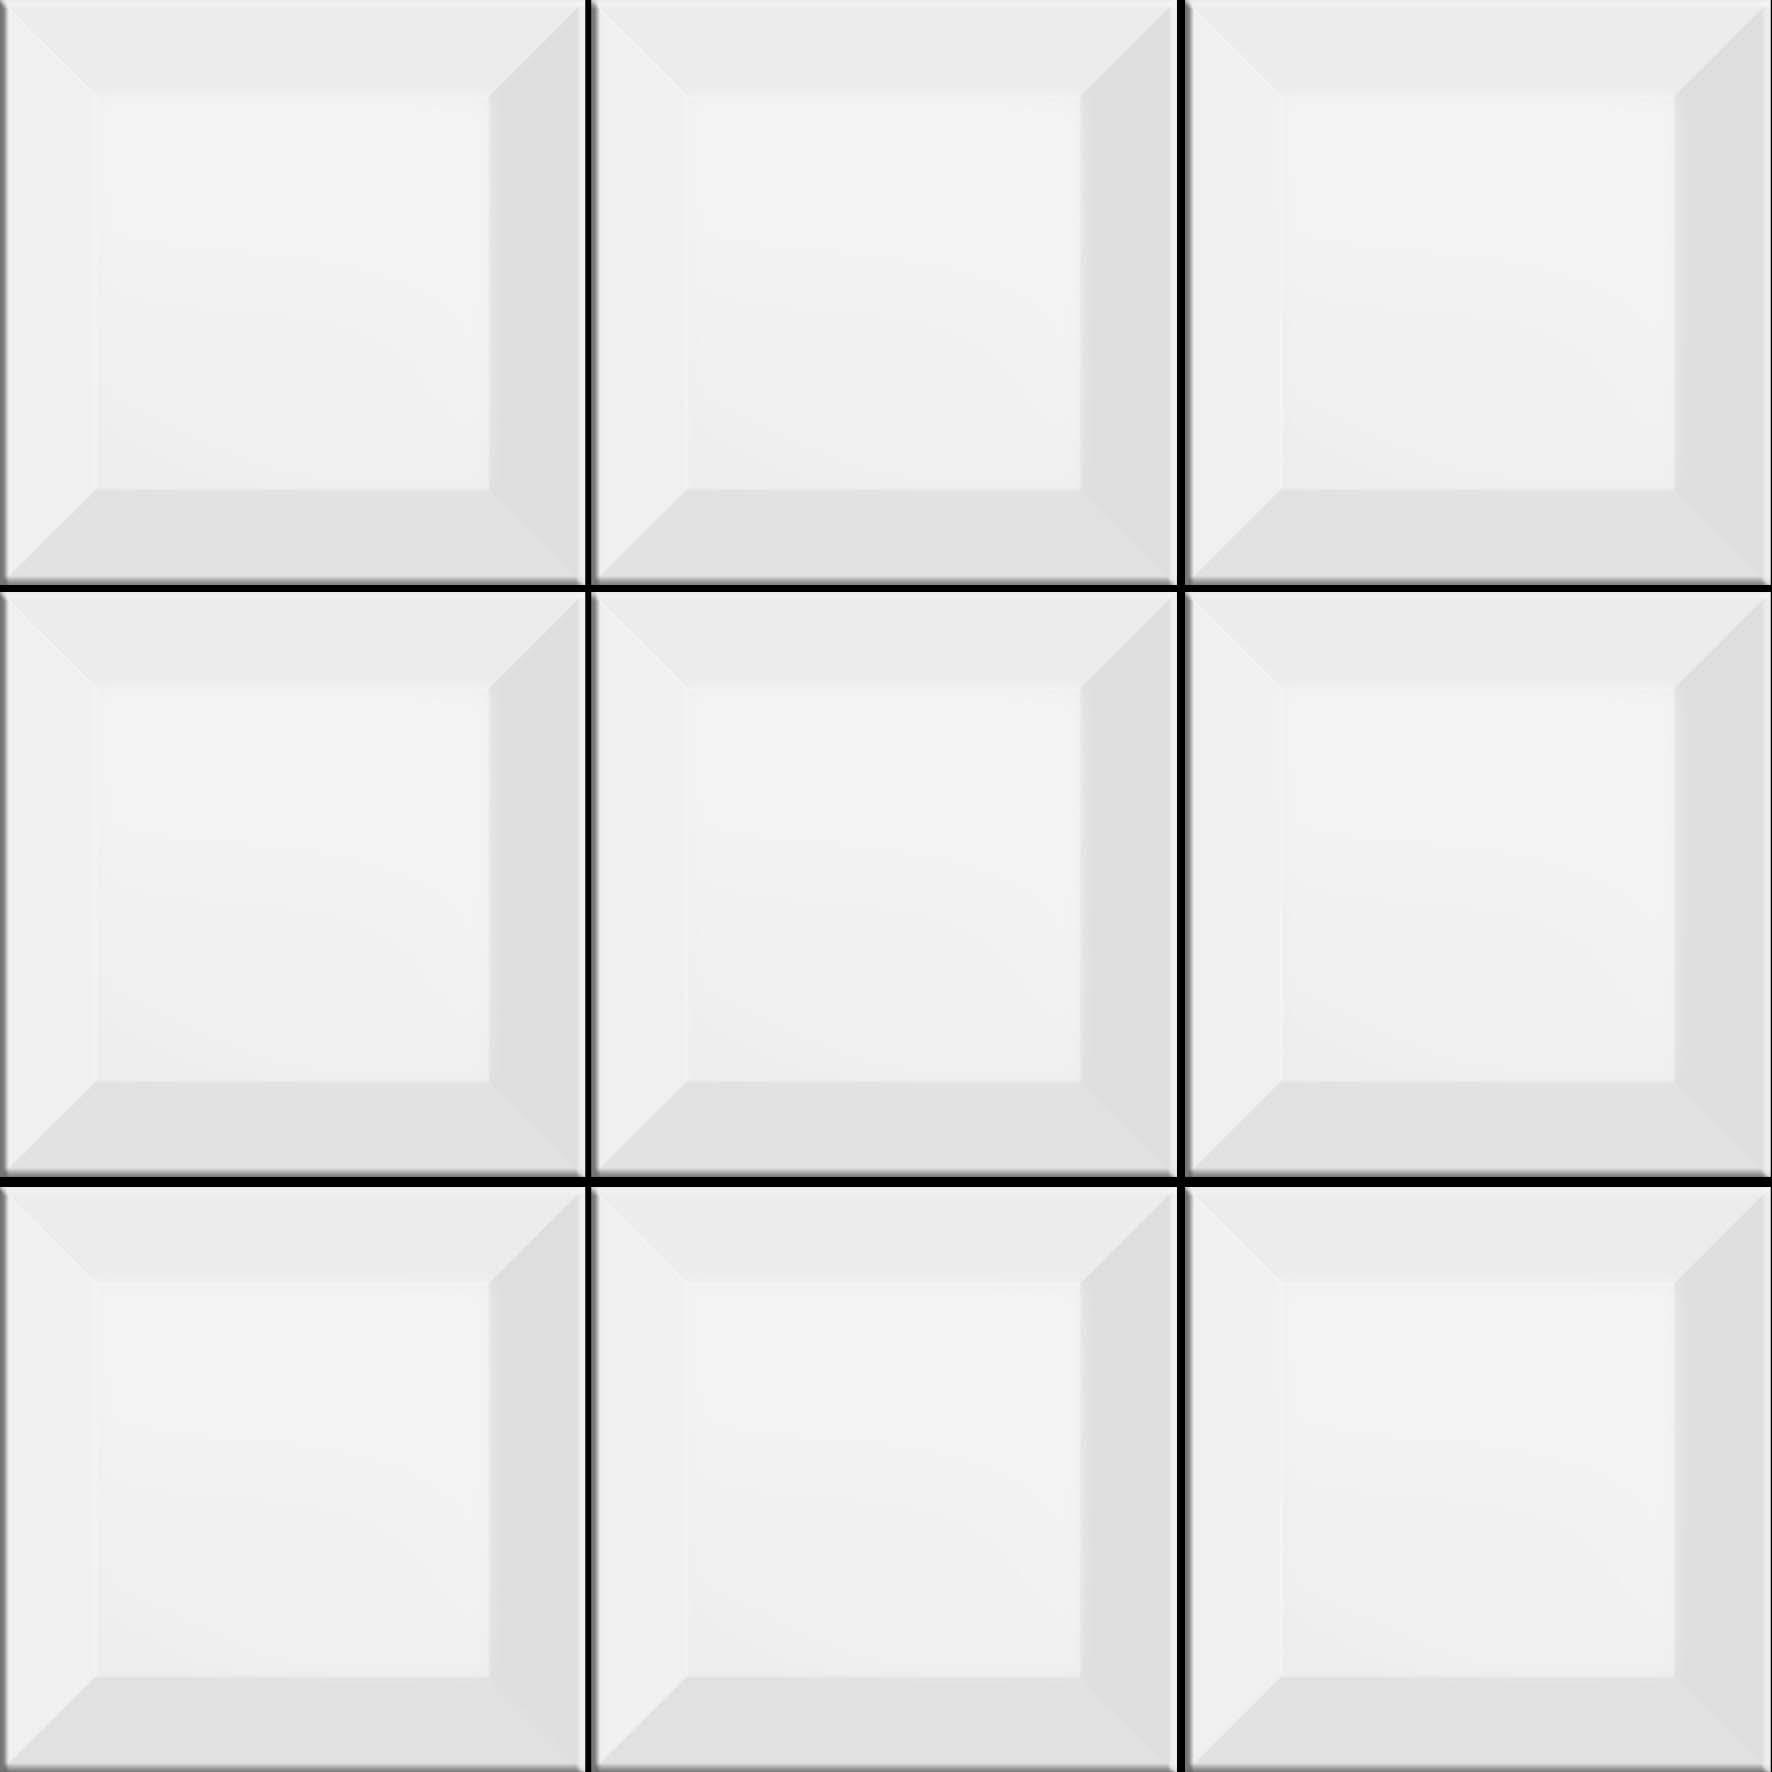 10x10 Miniworx Metro RAL 9016 White Glossy